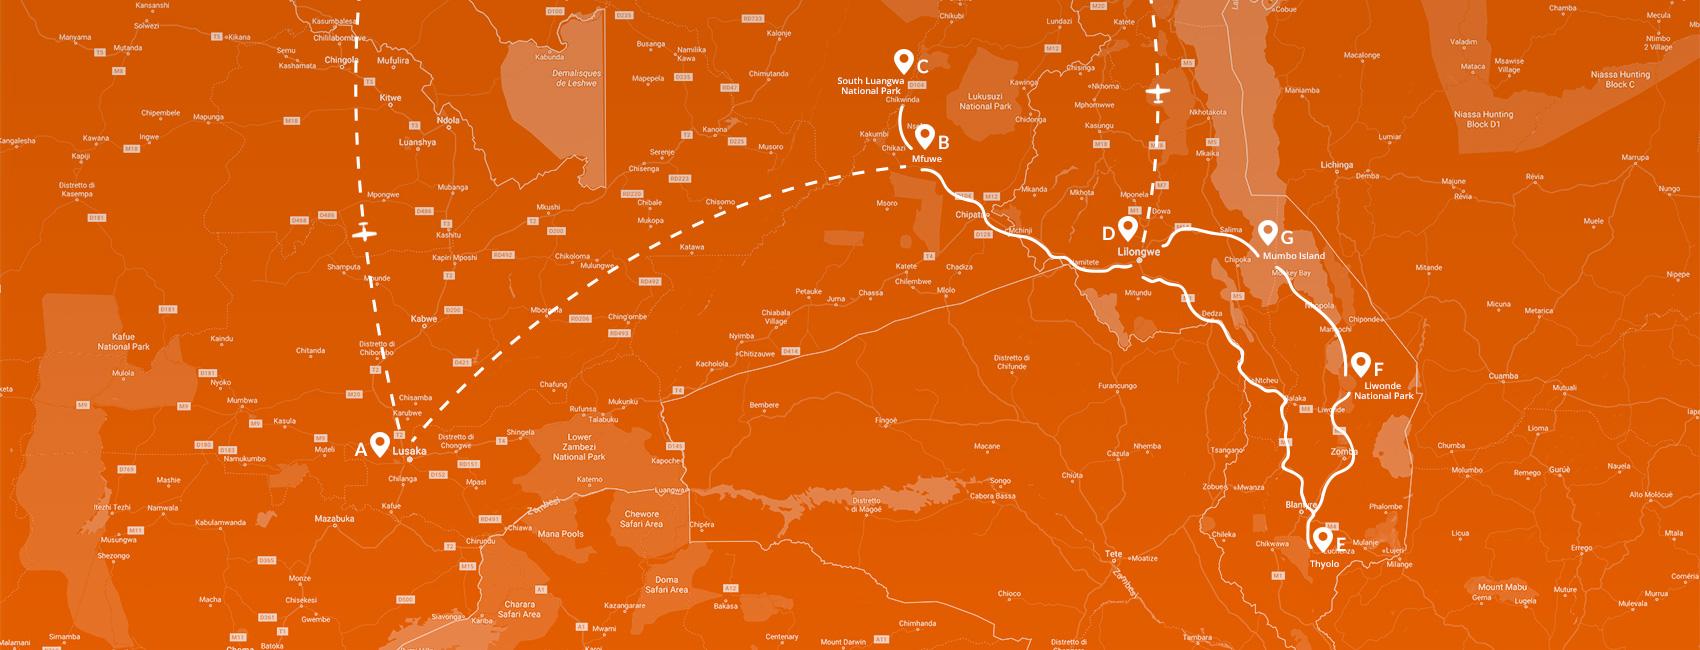 Maps - Zambia - Esplosione di natura 2020